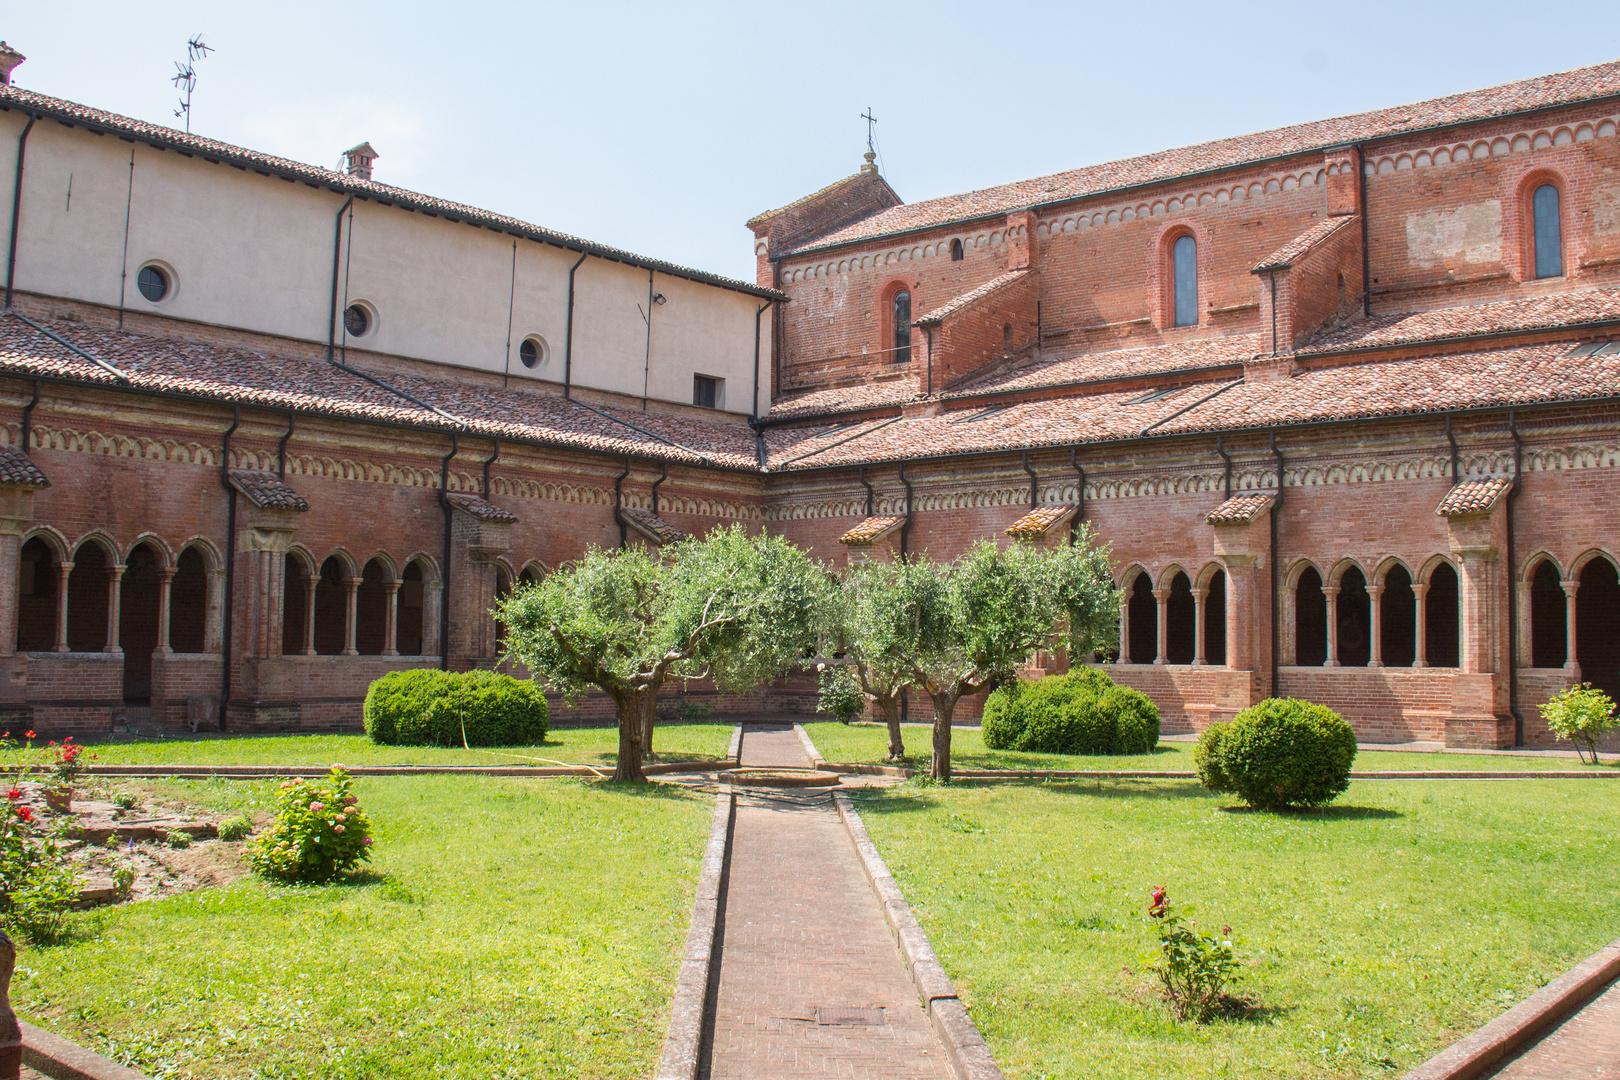 Abbazia Chiaravalle della Colomba - Chiostro